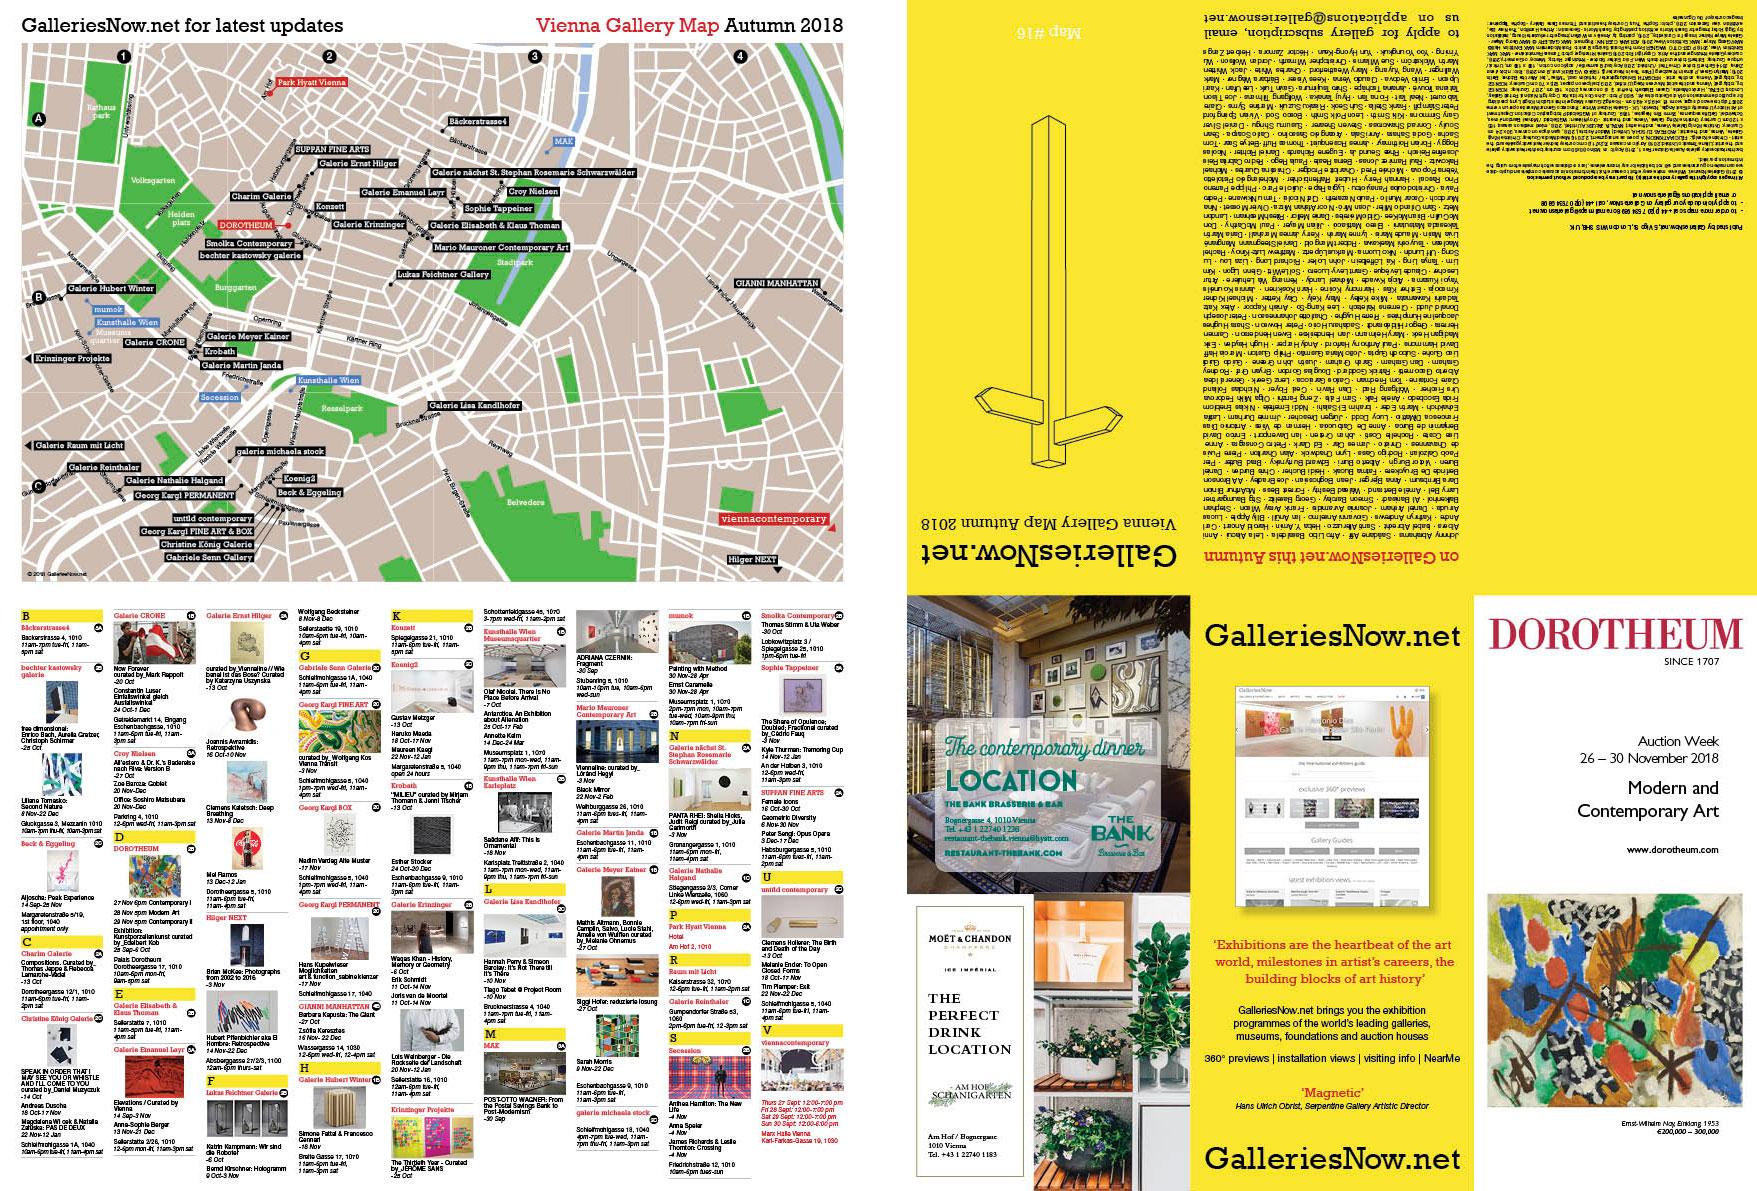 GalleriesNow Vienna Gallery Map - Autumn 2018